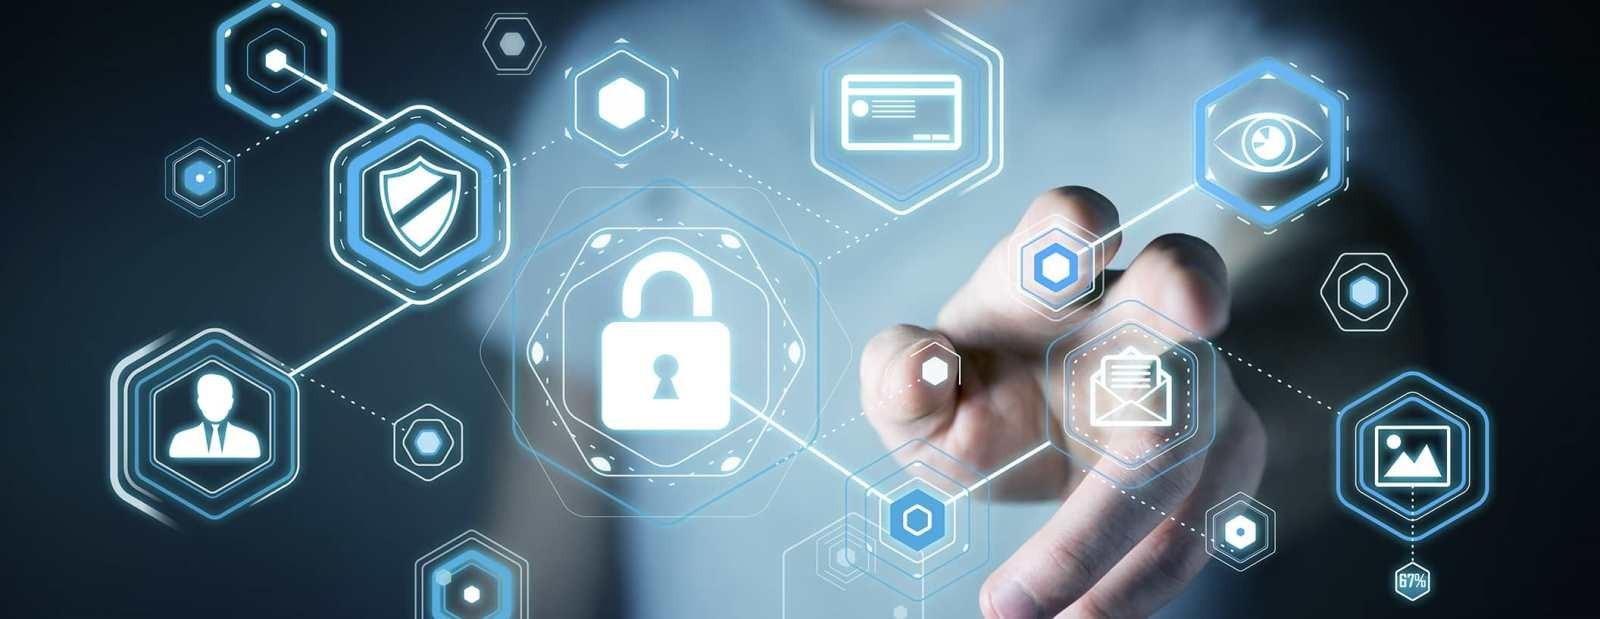 Os maiores erros das empresas em cybersecurity